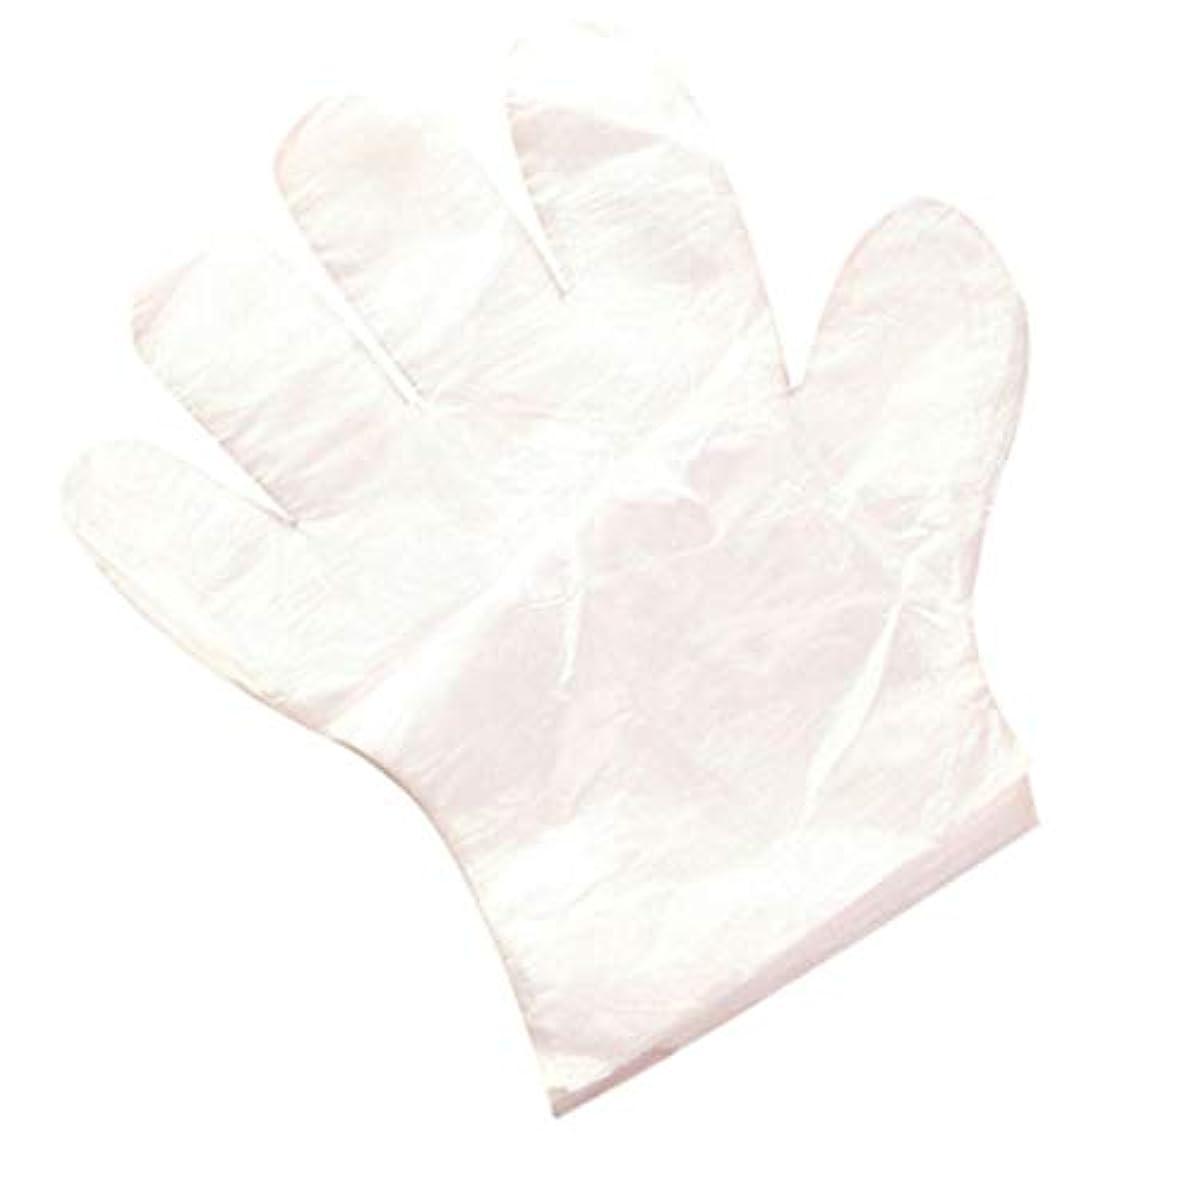 補体排泄する前投薬家庭用家庭の清掃および衛生用使い捨て手袋を食べる使い捨て手袋 (UnitCount : 500only)